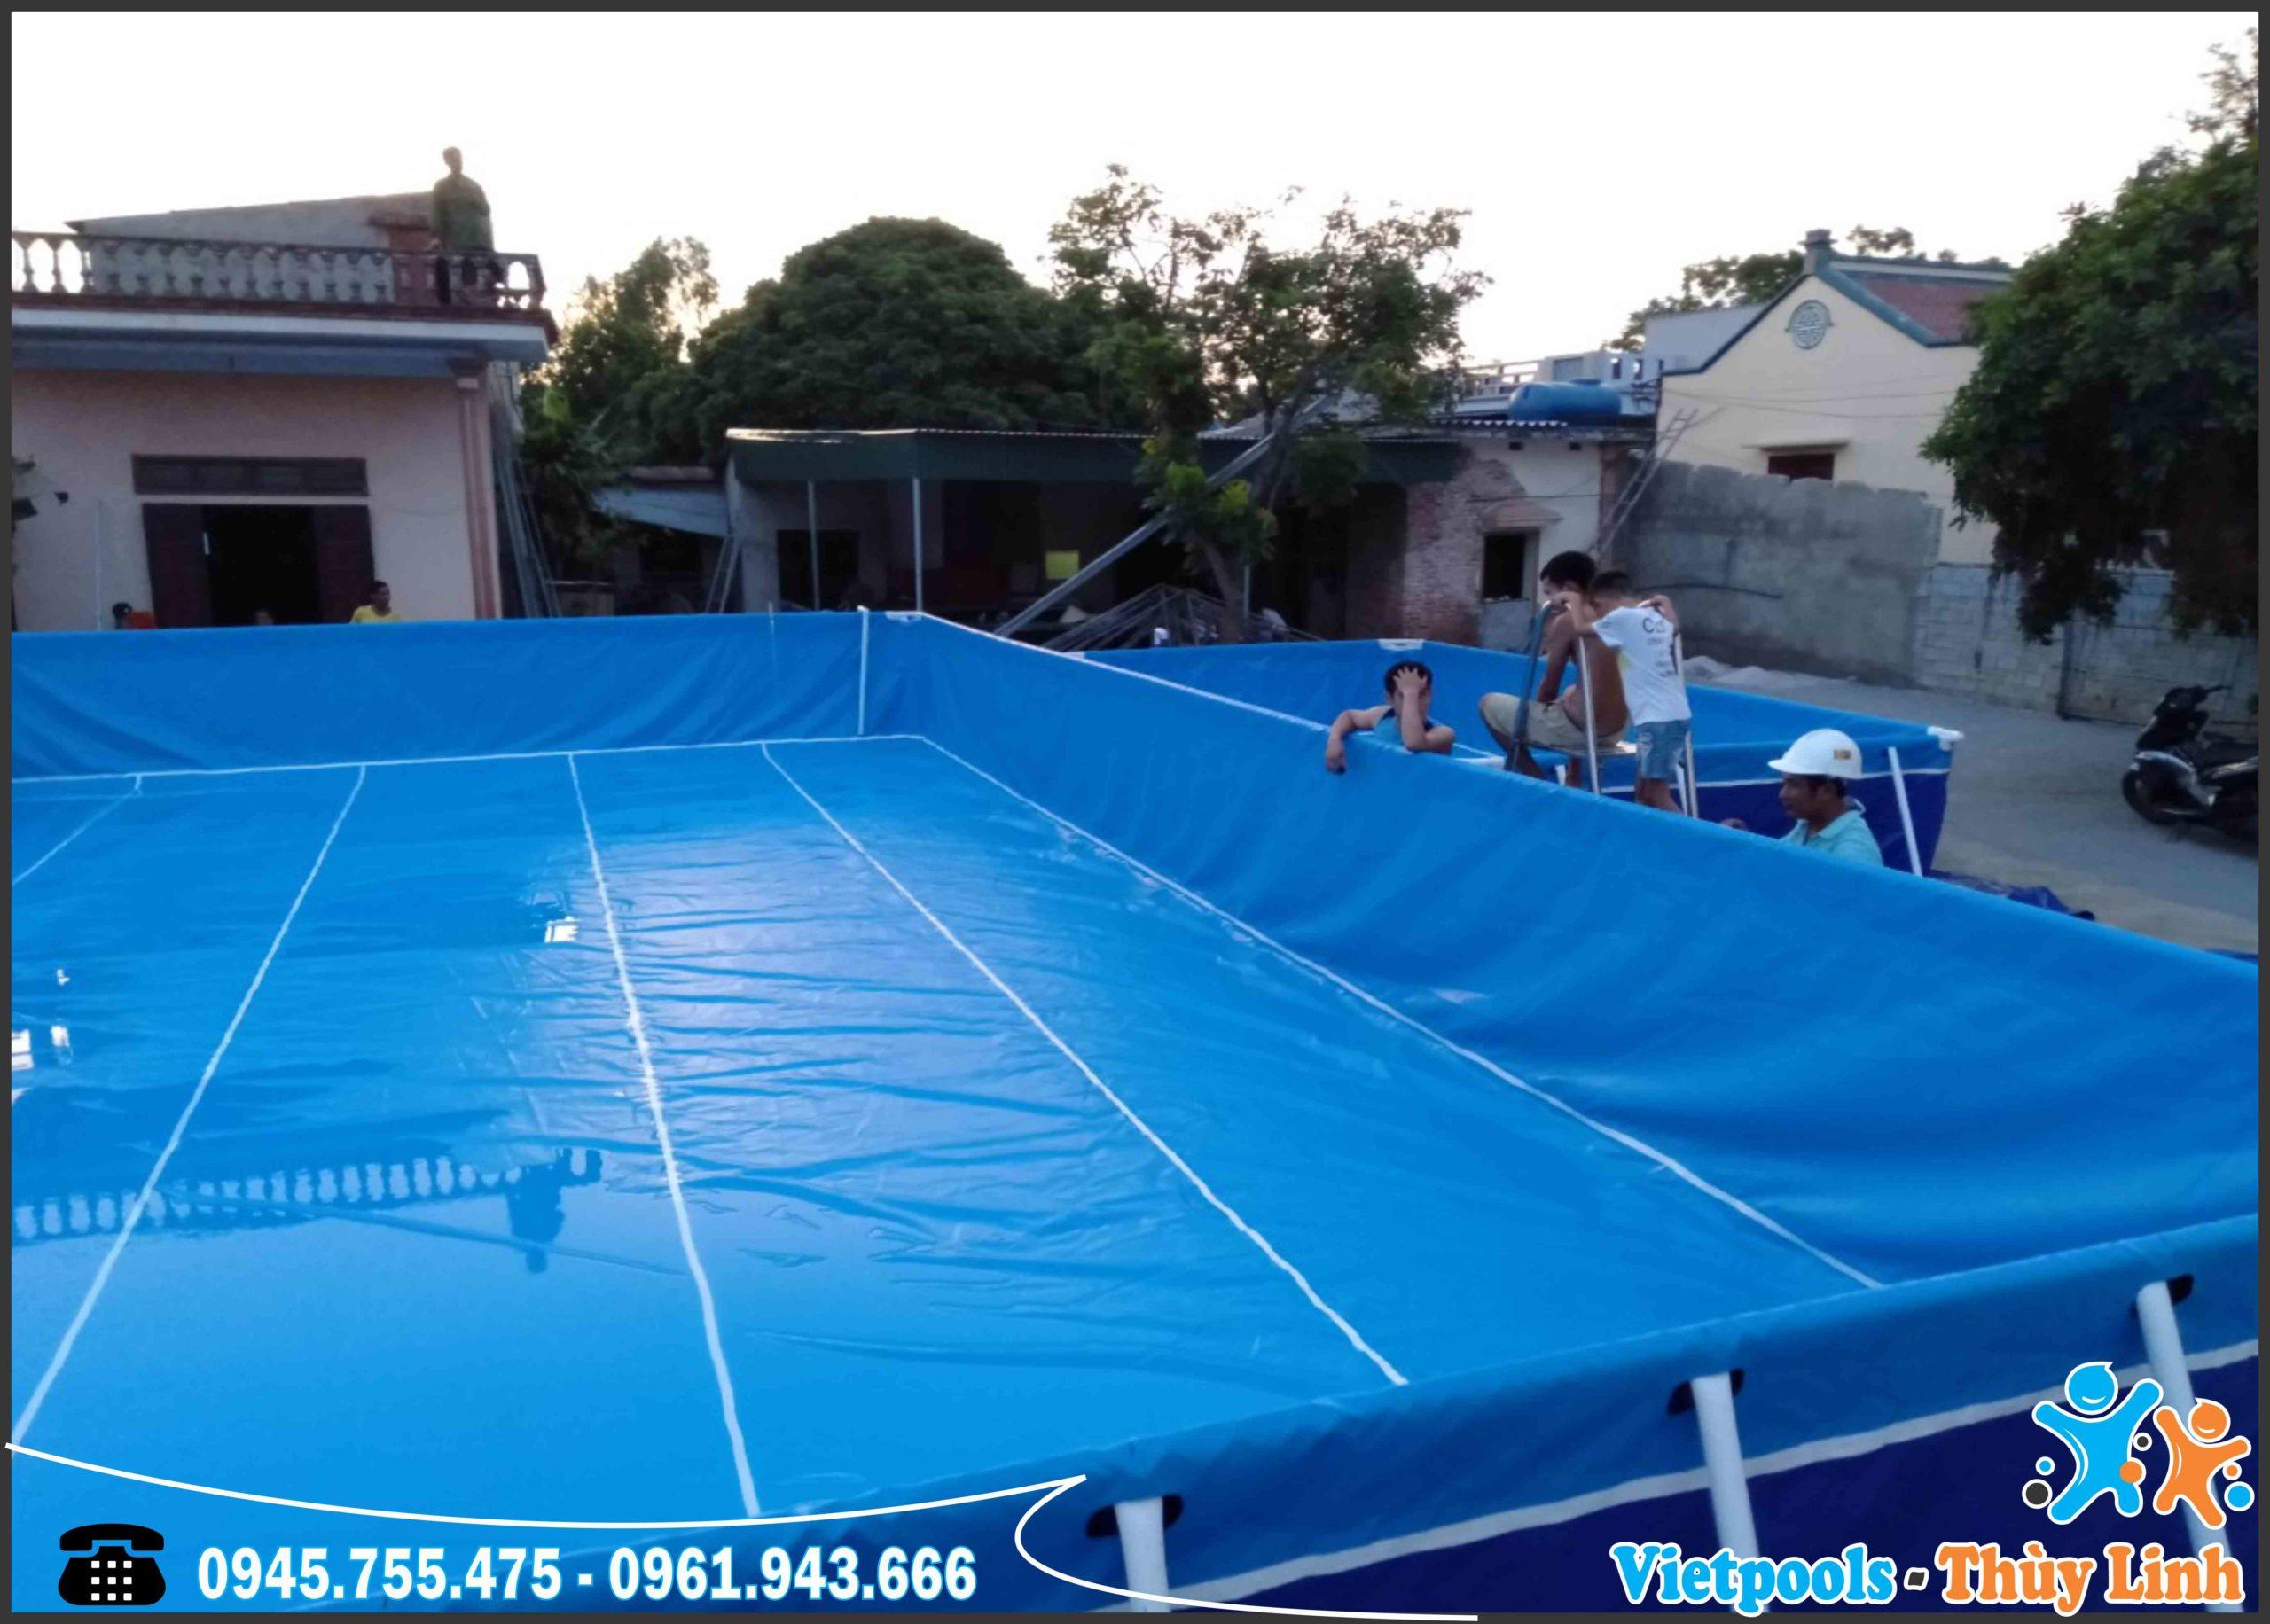 Bể Bơi Di Động Kết Hợp Nhà Hơi Trượt Nước Tại Bình Thuận - 2020 19